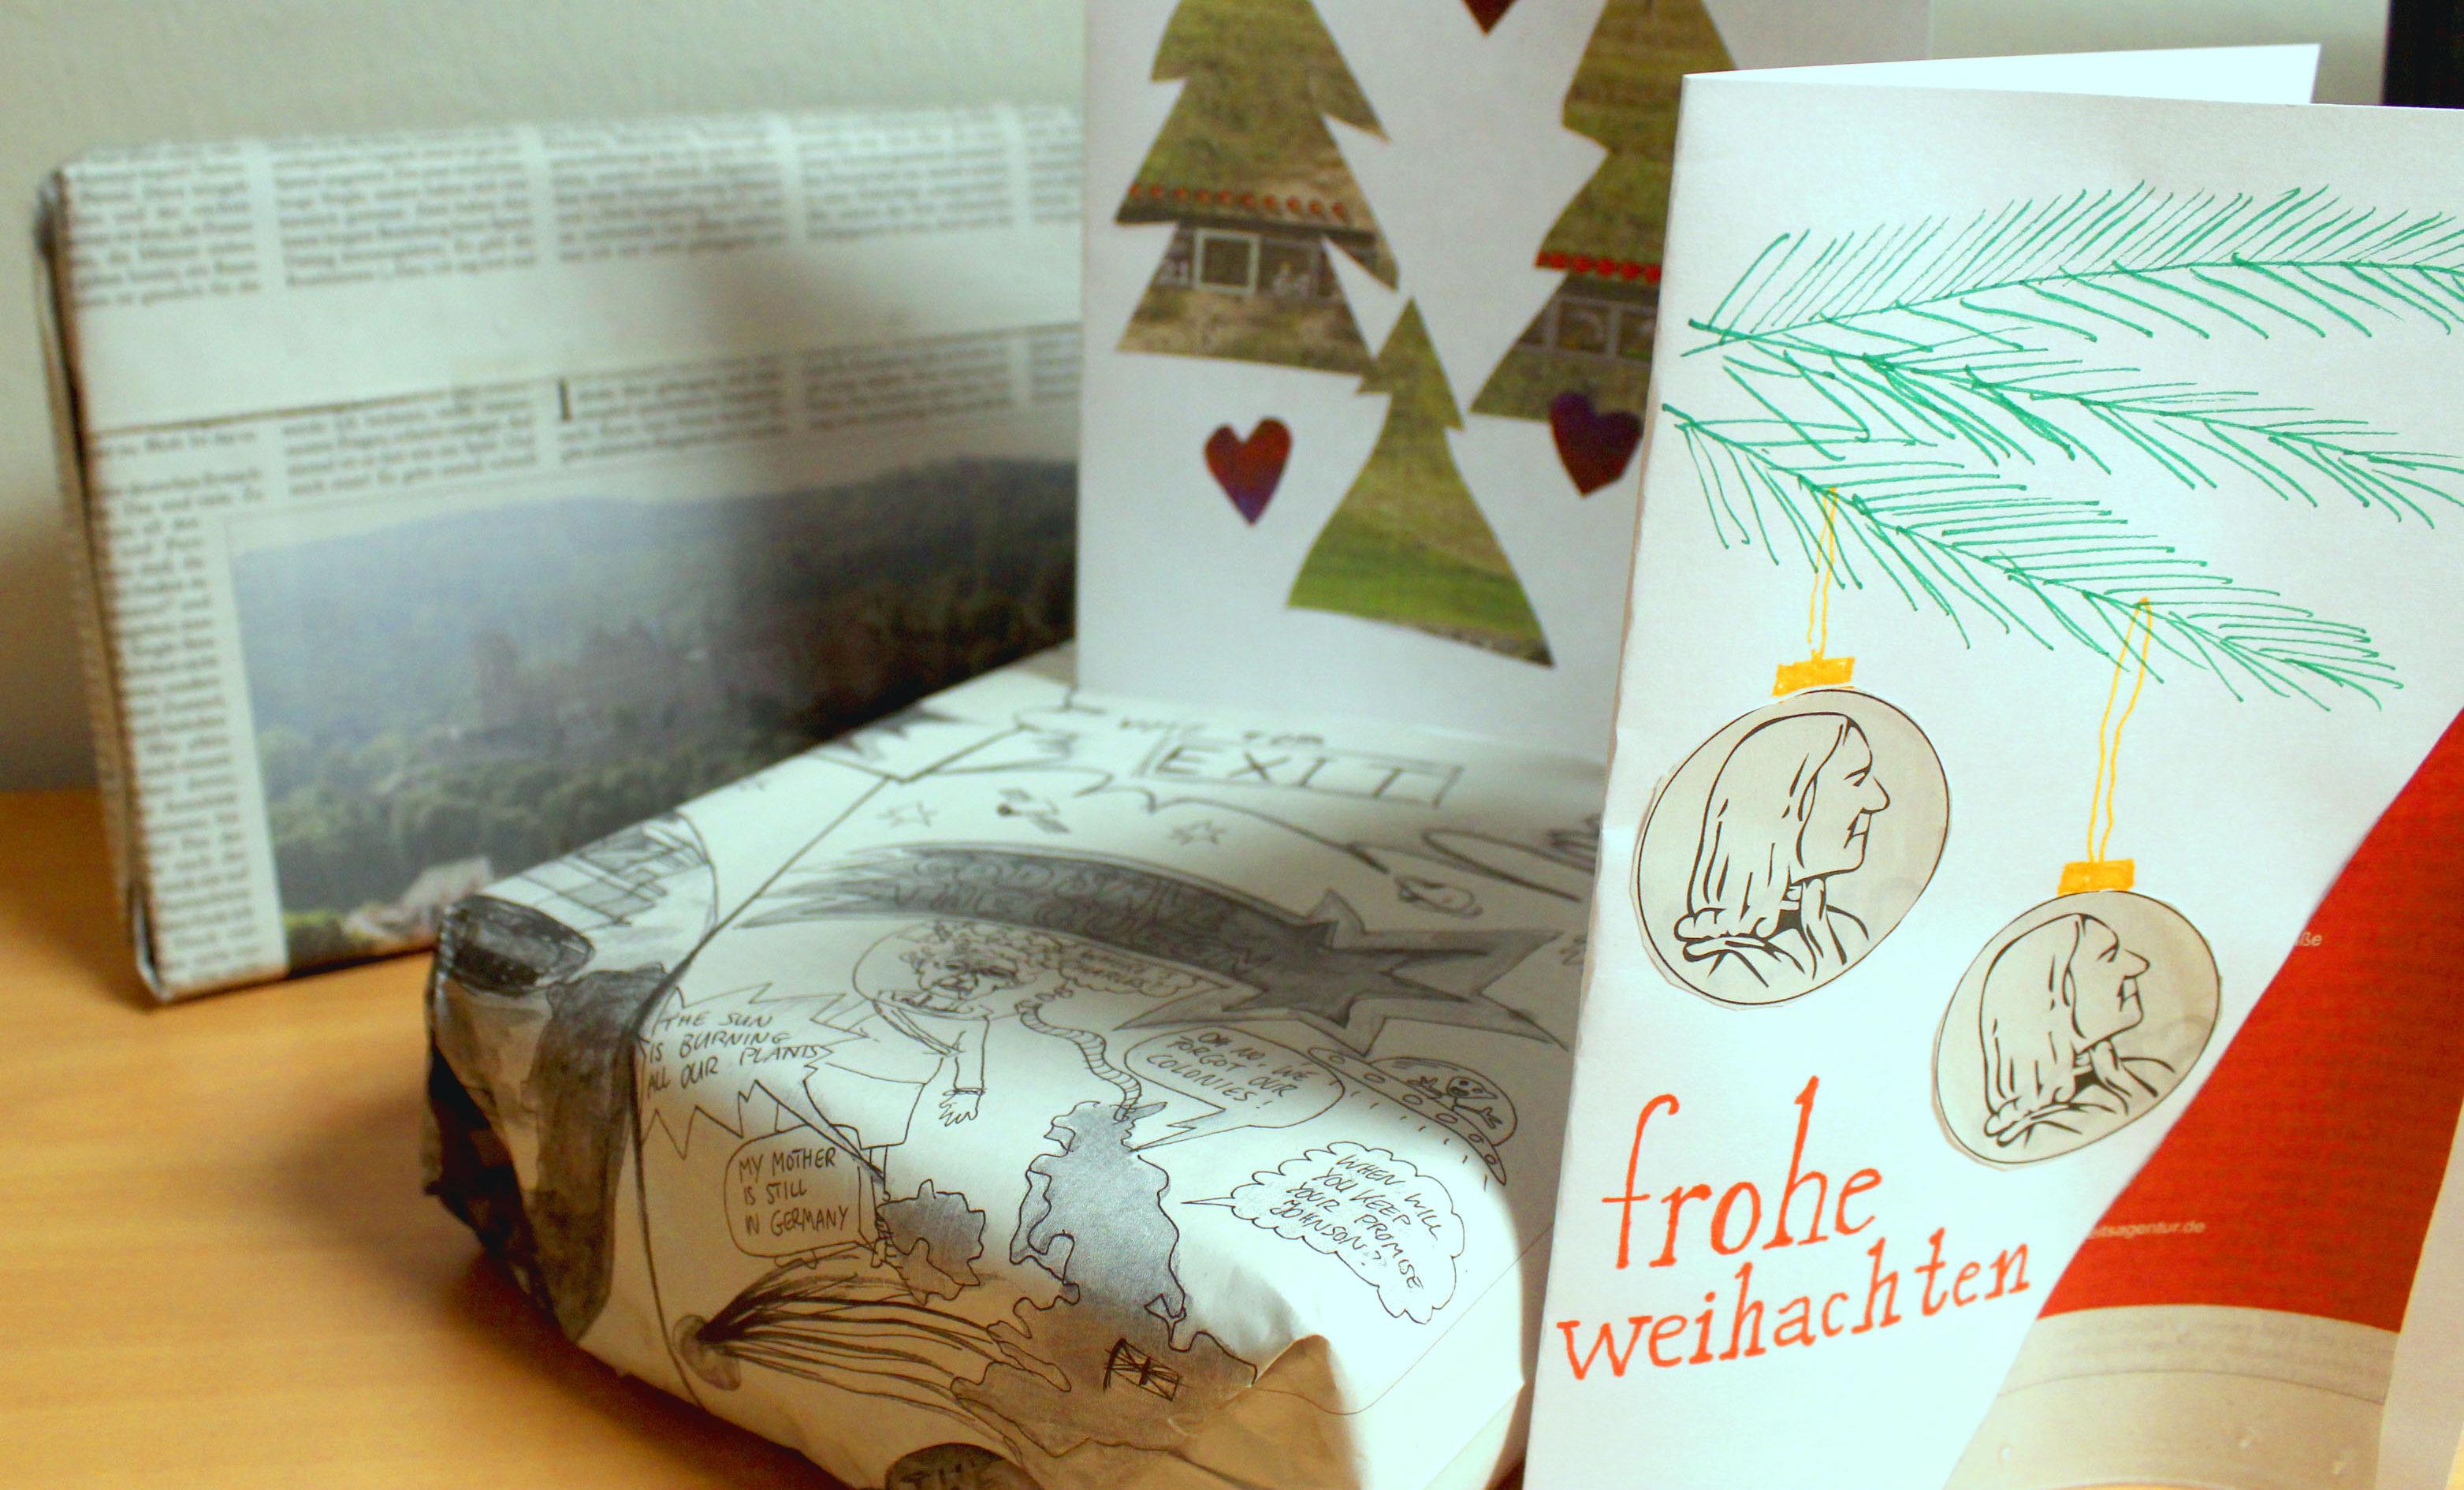 Auch aus alten ruprecht-Ausgaben können tolle Weihnachtsgeschenke gebastelt werden! Bild: Hannah Lena Puschnig